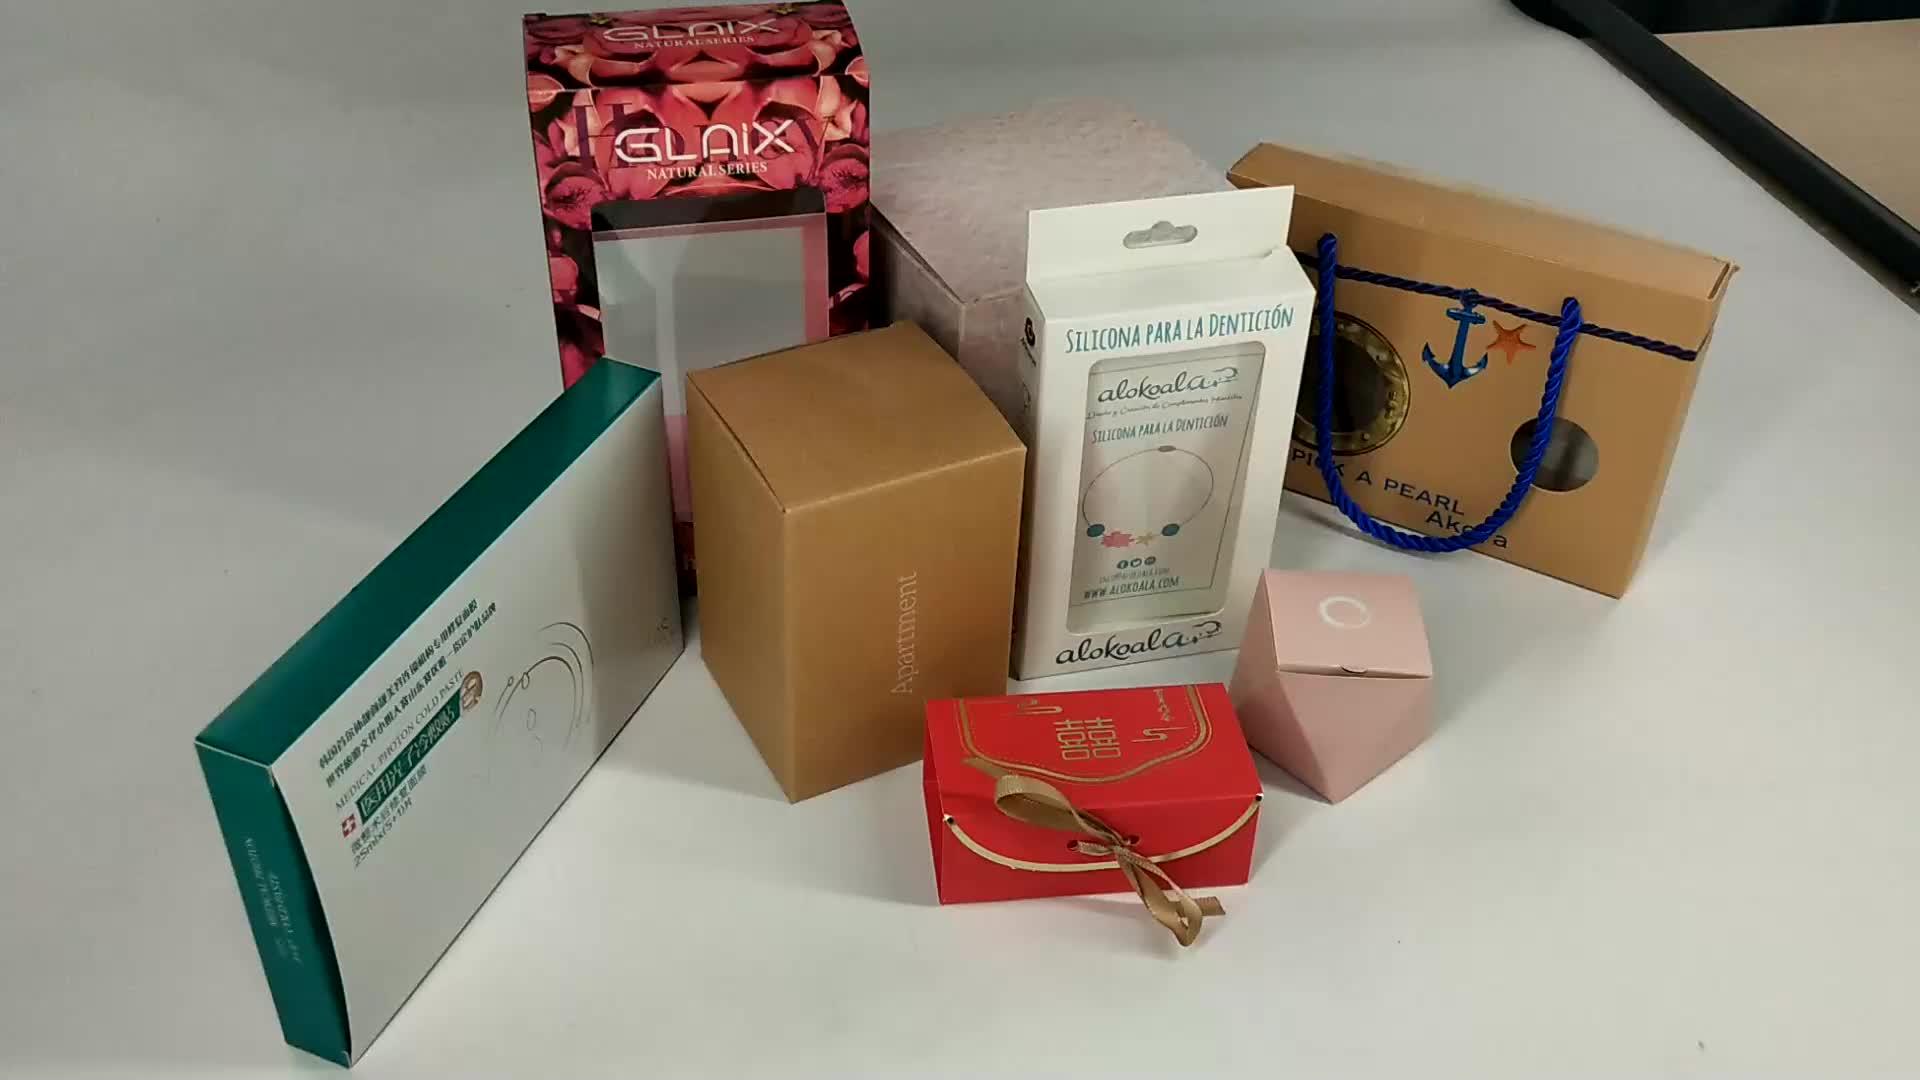 Recyclable मेलर बक्से कस्टम मुद्रित साबुन शरीर की देखभाल के लिए क्राफ्ट पेपर बॉक्स पैकेजिंग